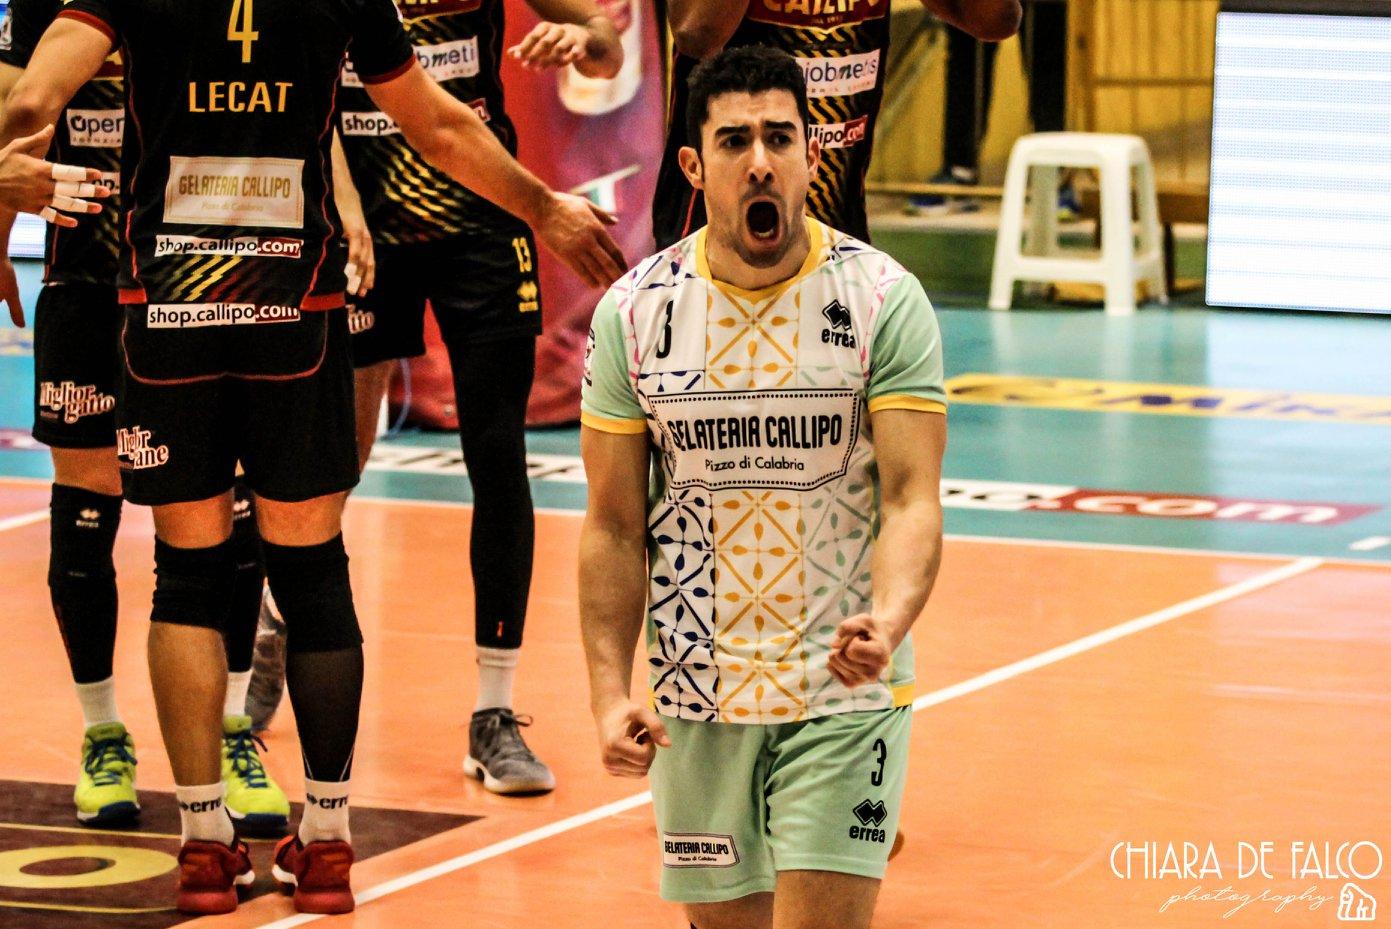 Superlega Volley Calendario.Superlega 2018 19 Ecco Il Calendario Della Volley Tonno